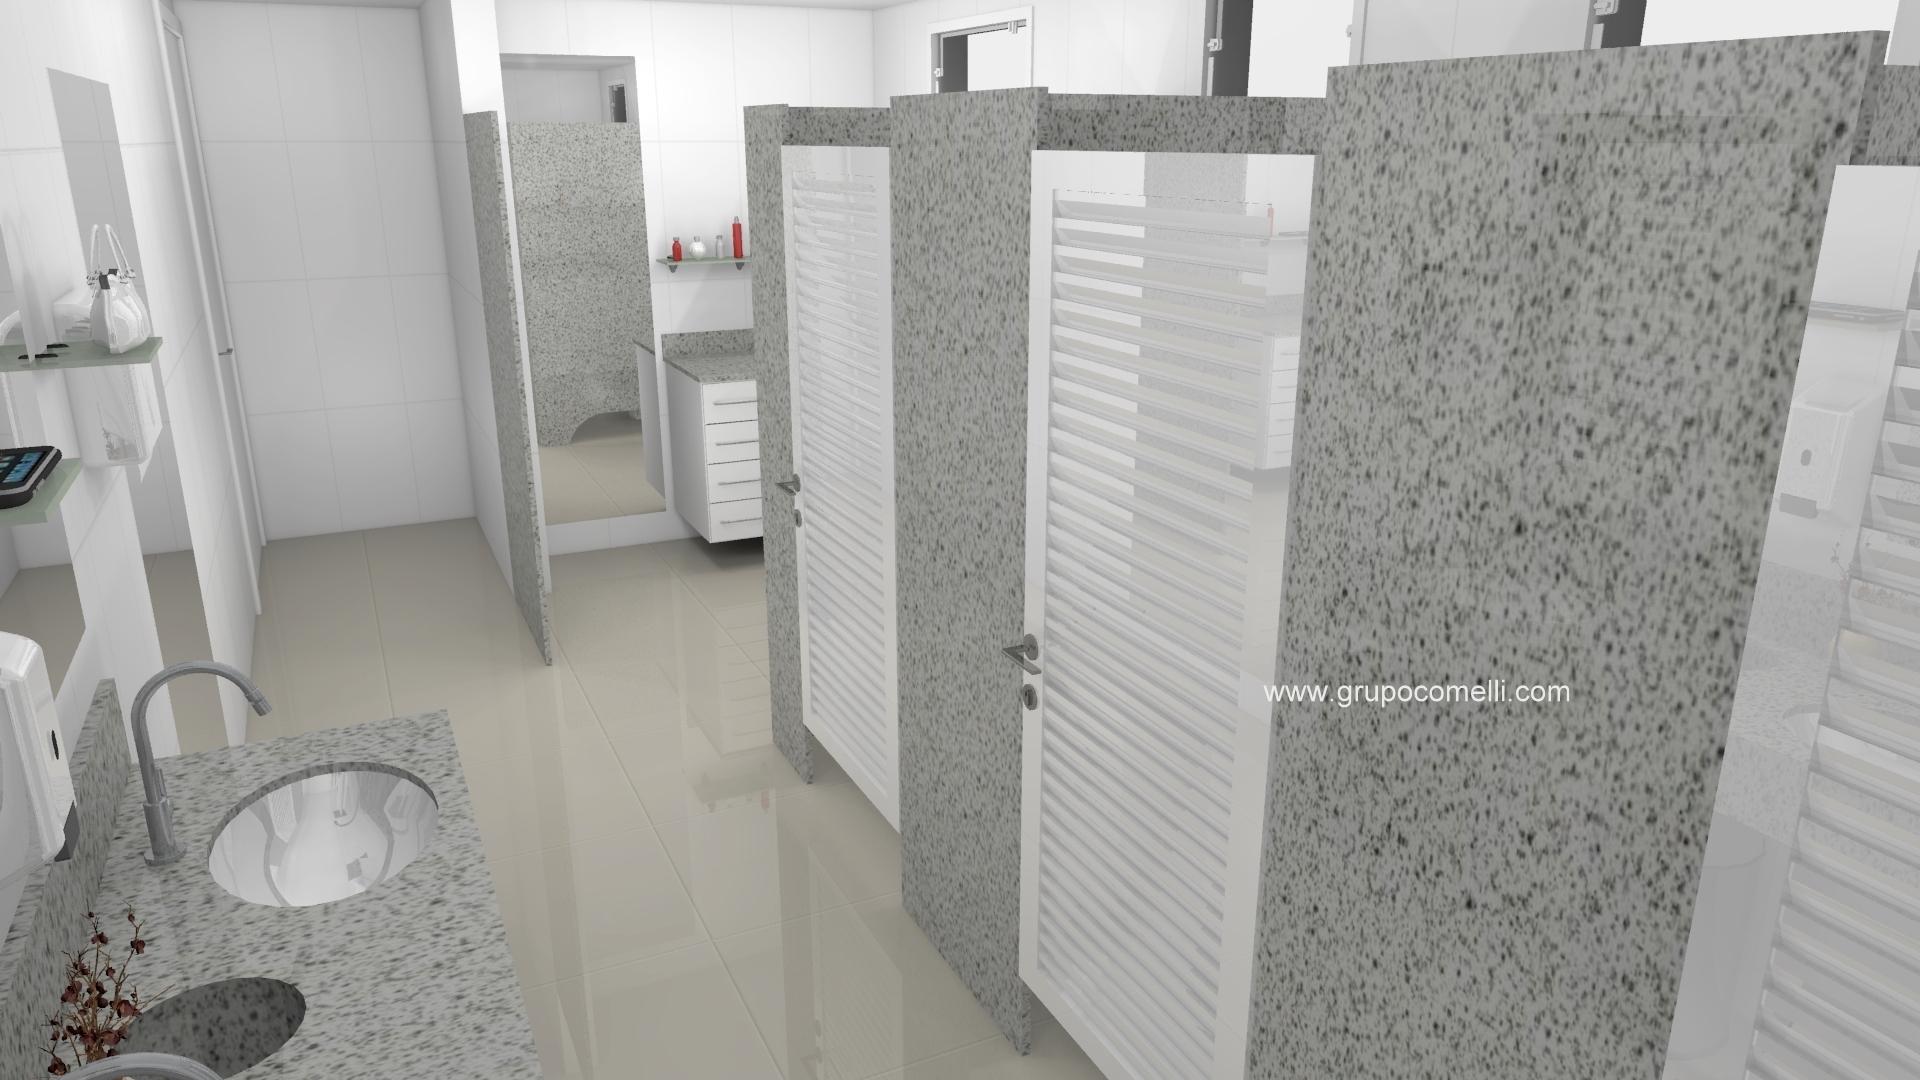 Banheiro planejado 292 – Granito Branco Paris » Triunfo mármores  #664C47 1920x1080 Balcão Banheiro Astra